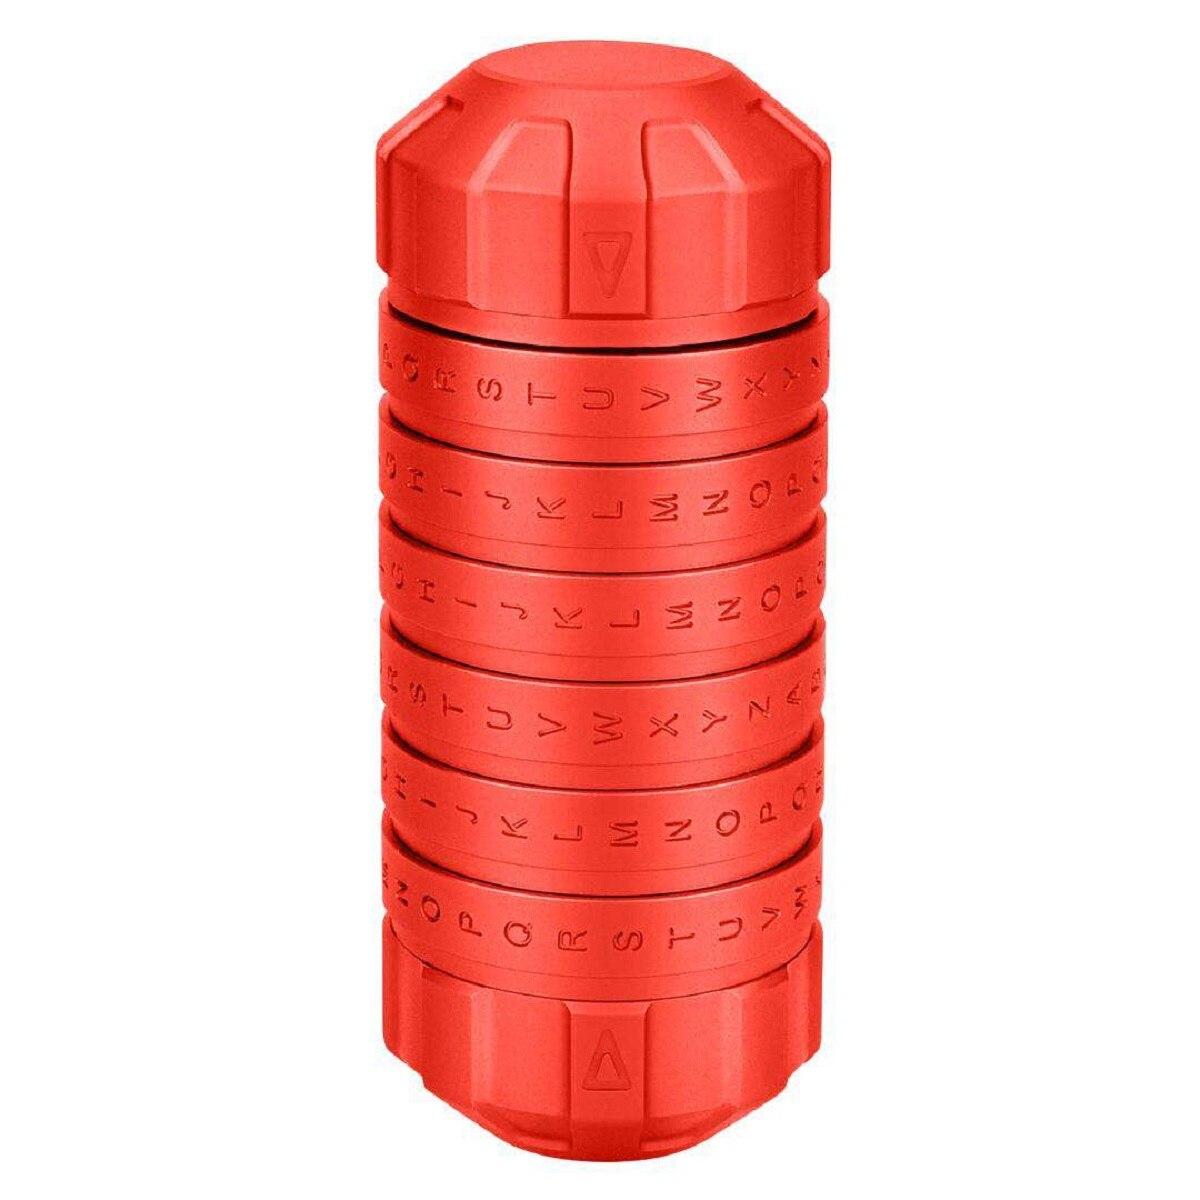 Mode nouveau Style jouets éducatifs en métal Cryptex serrures idées cadeaux Da Vinci Code serrure pour épouser les accessoires de chambre d'évasion amoureux - 4